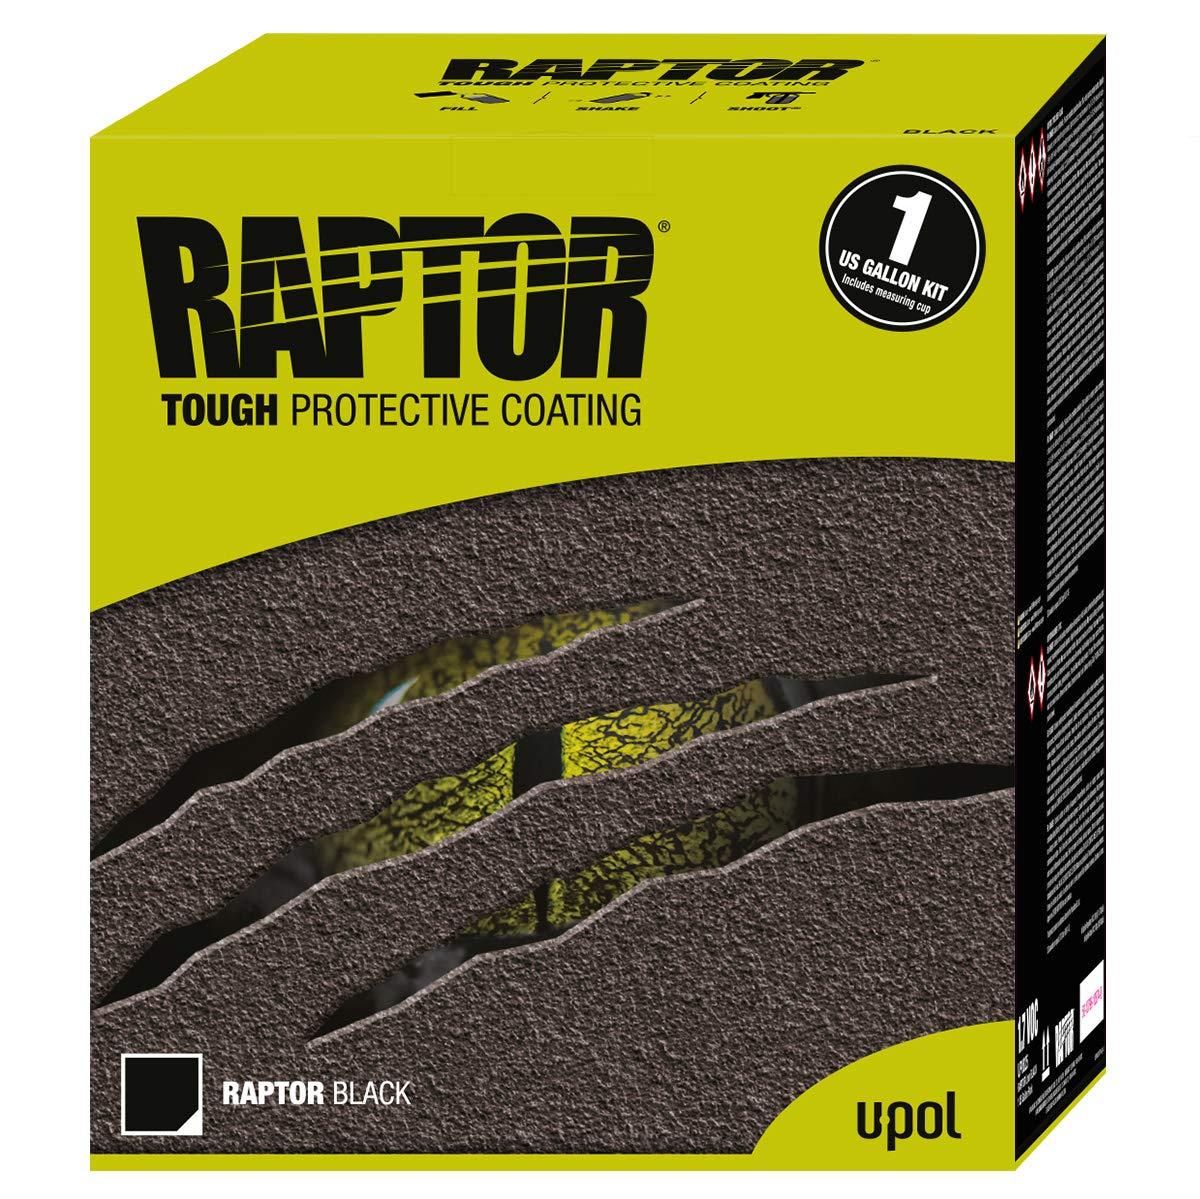 Truck Bed Liner >> U Pol Products Raptor Black 1 7 Voc Truck Bed Liner Kit 4 Liter